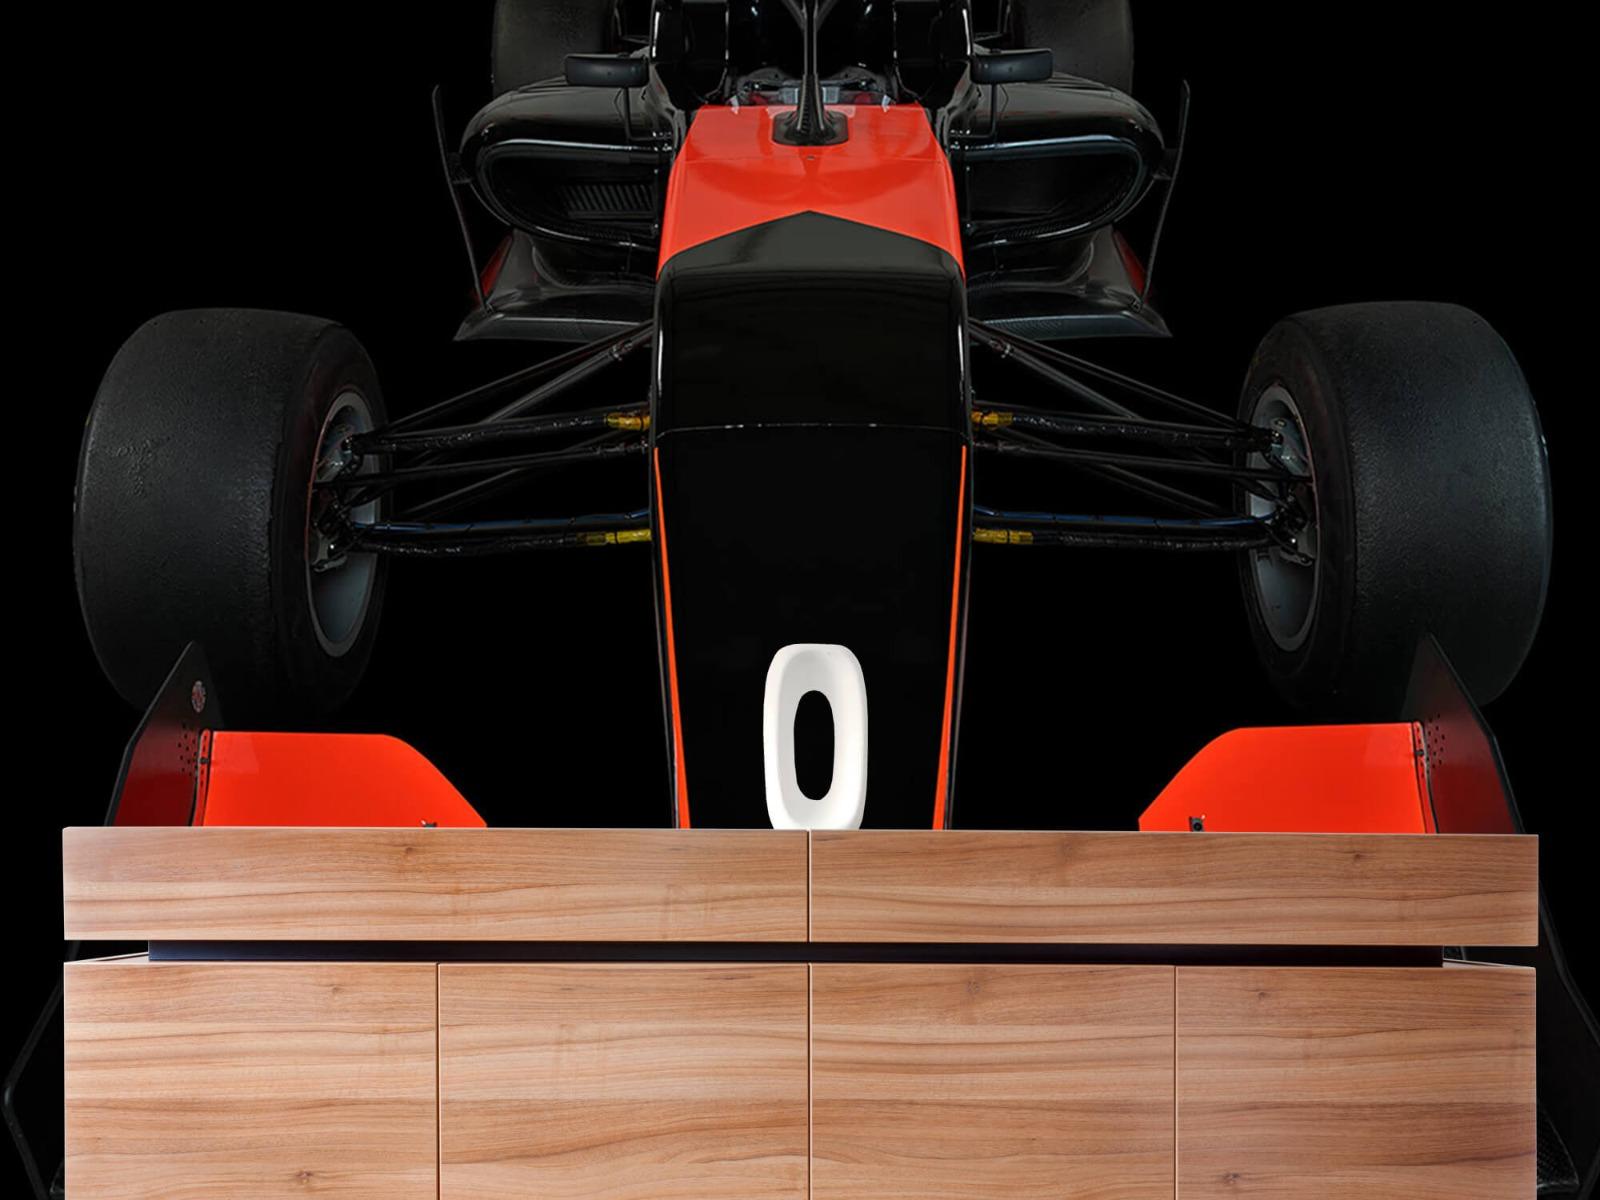 Sportauto's - Formule 3 - Front view - dark - Tienerkamer 21